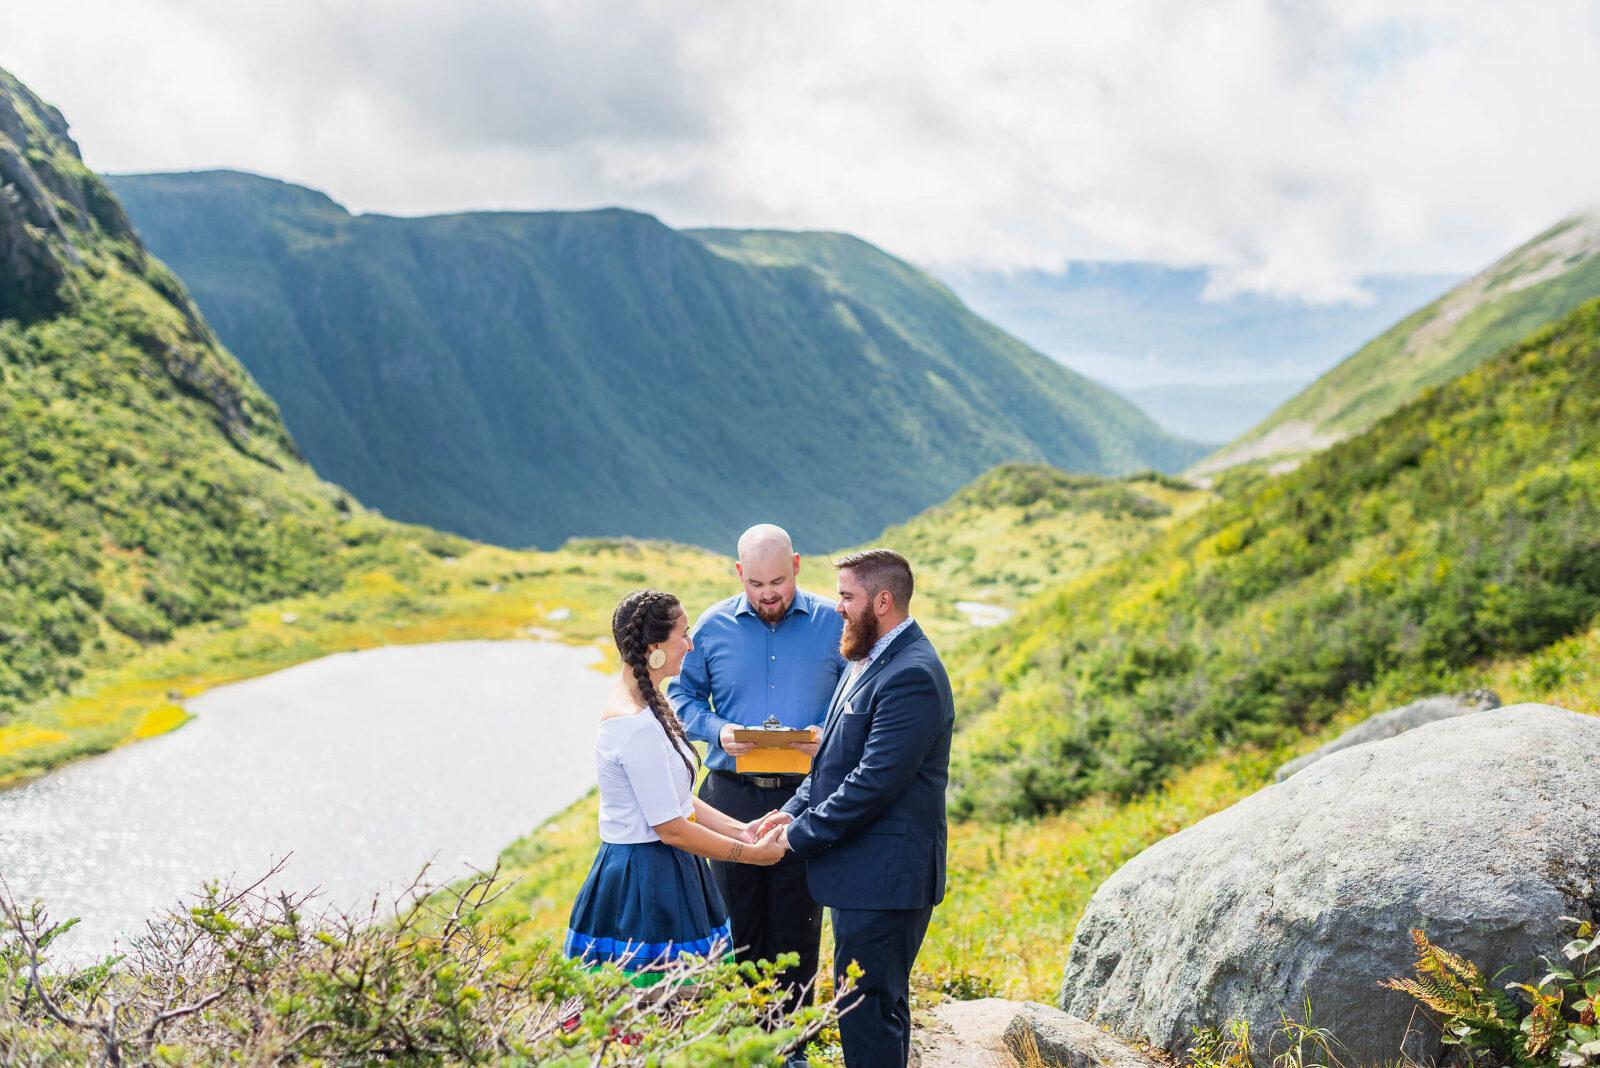 I Climbed A Mountain To Photograph A Wedding!